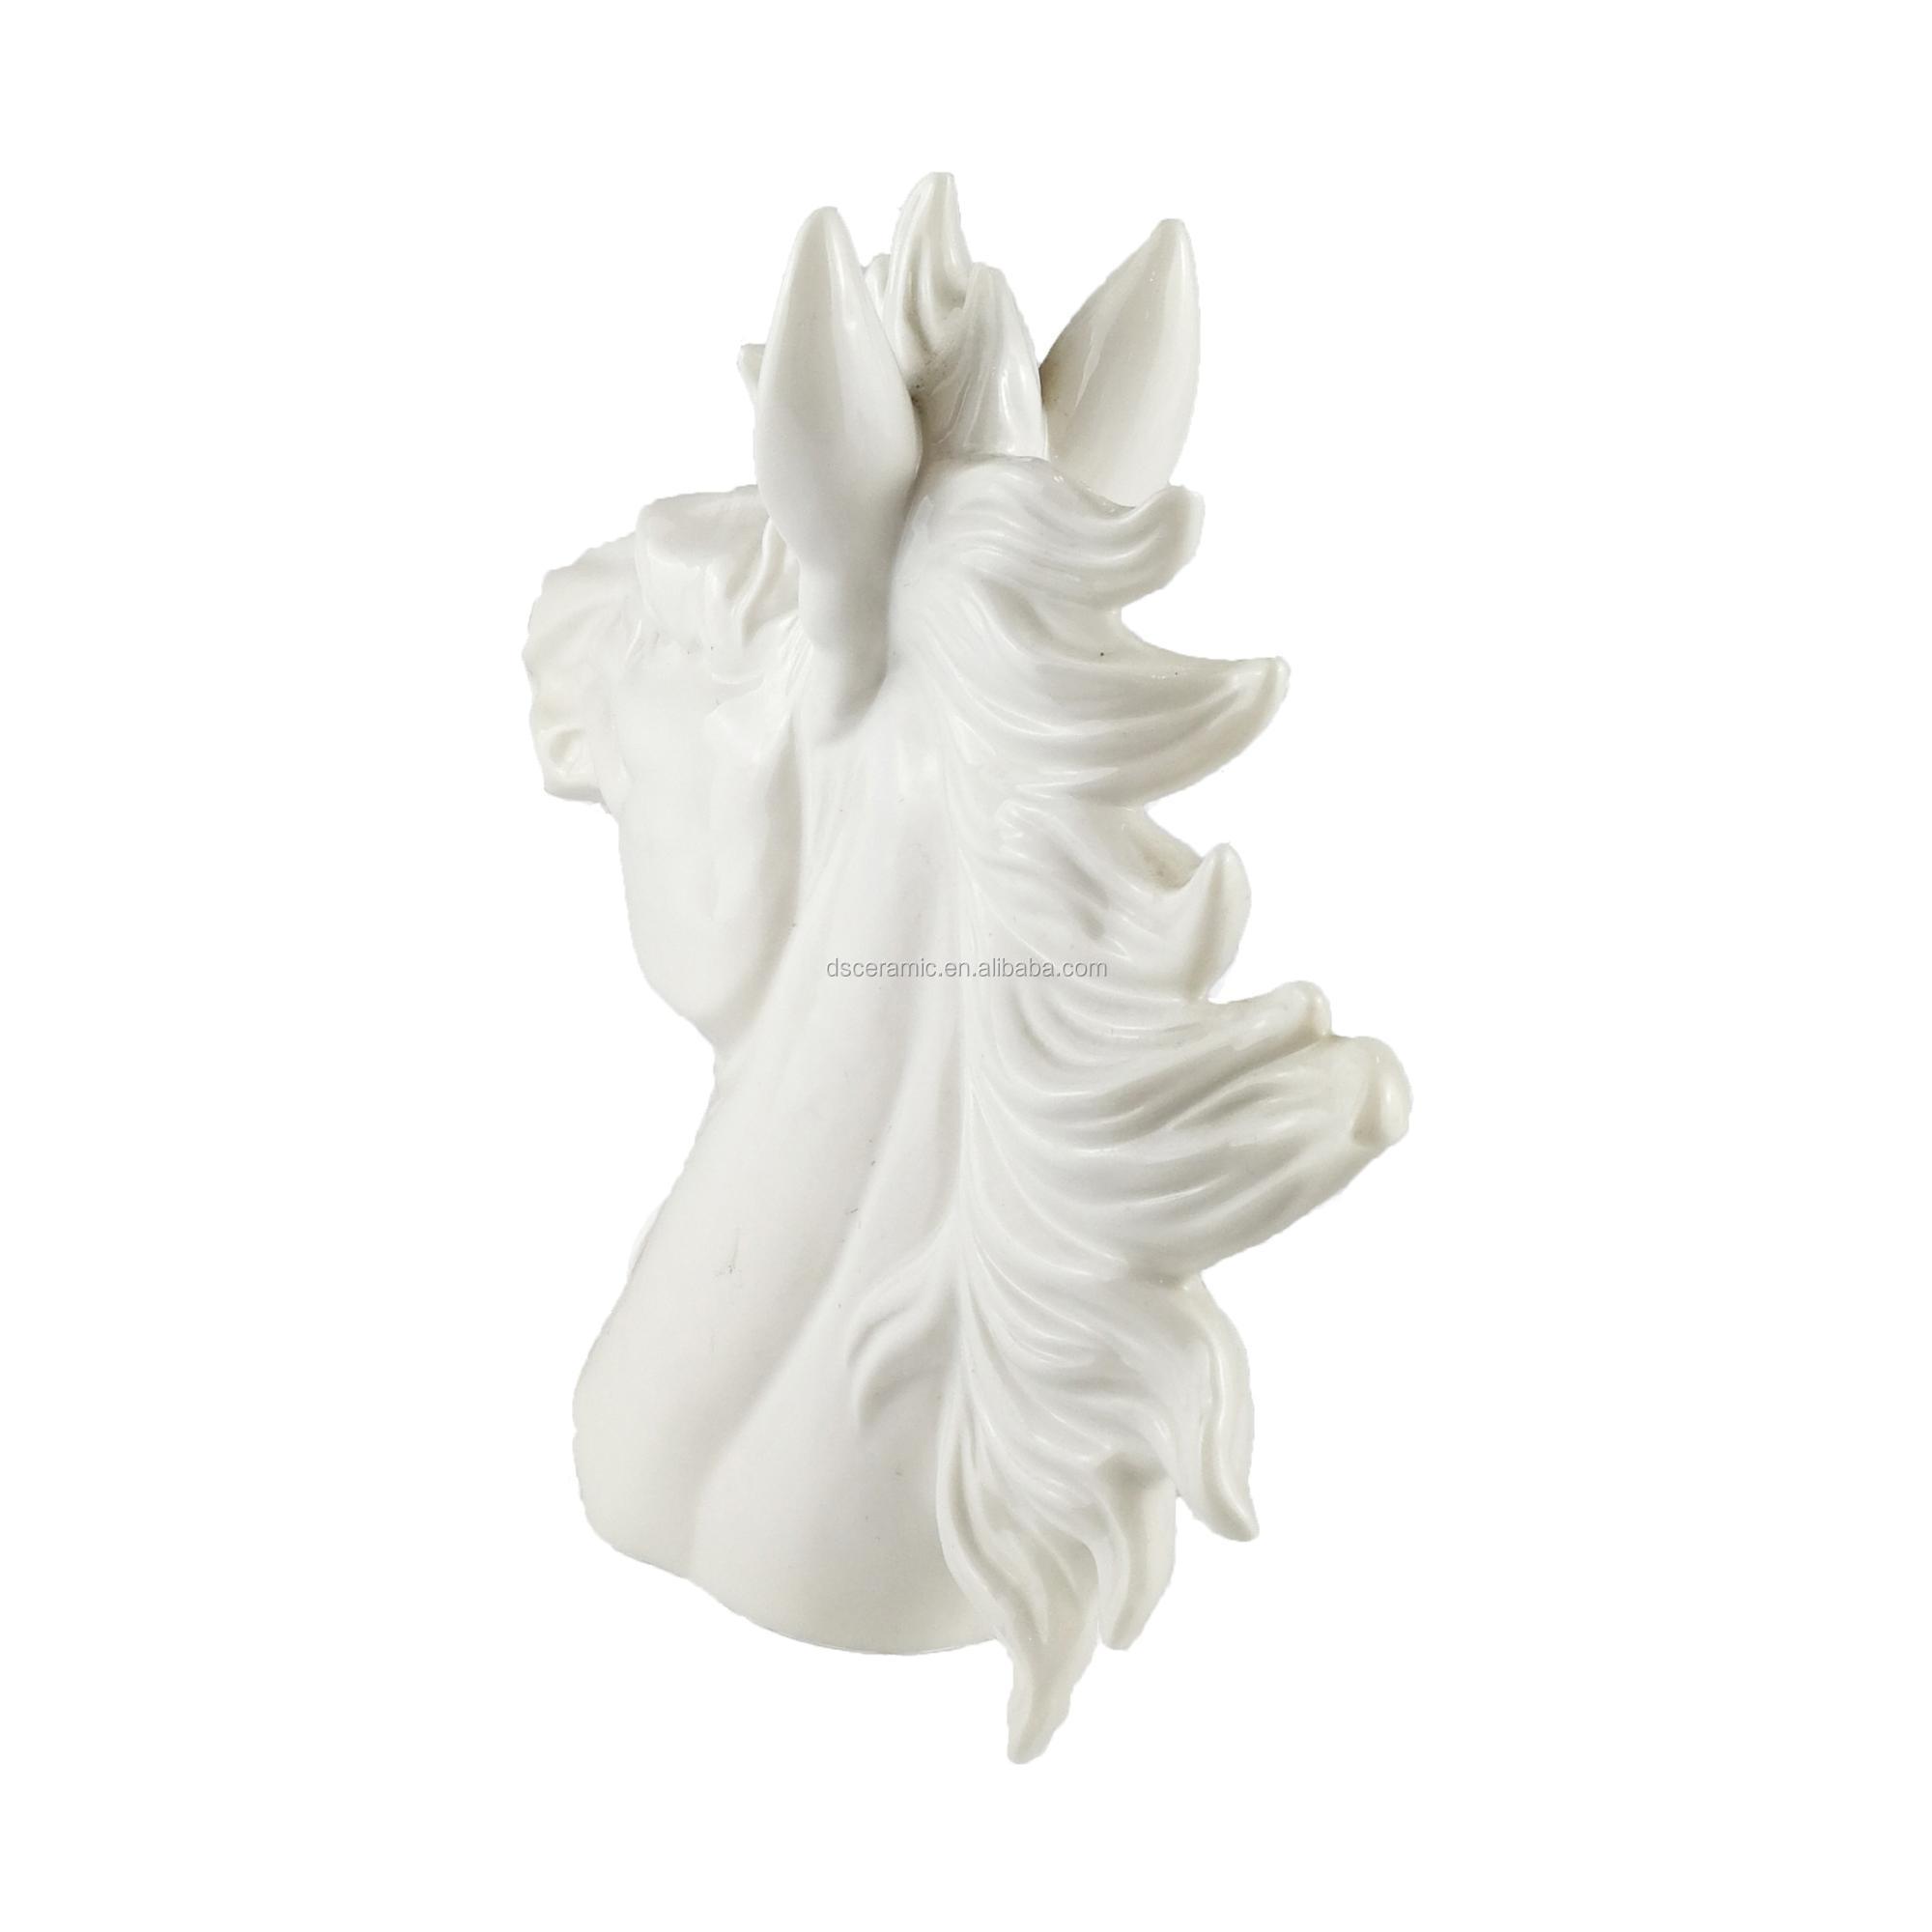 Antique White Chinese Ceramic Bisque Horse Figurines Unpainted - Buy  Antique Ceramic Horse Figurines,Ceramic Chinese Figurines,Unpainted Ceramic